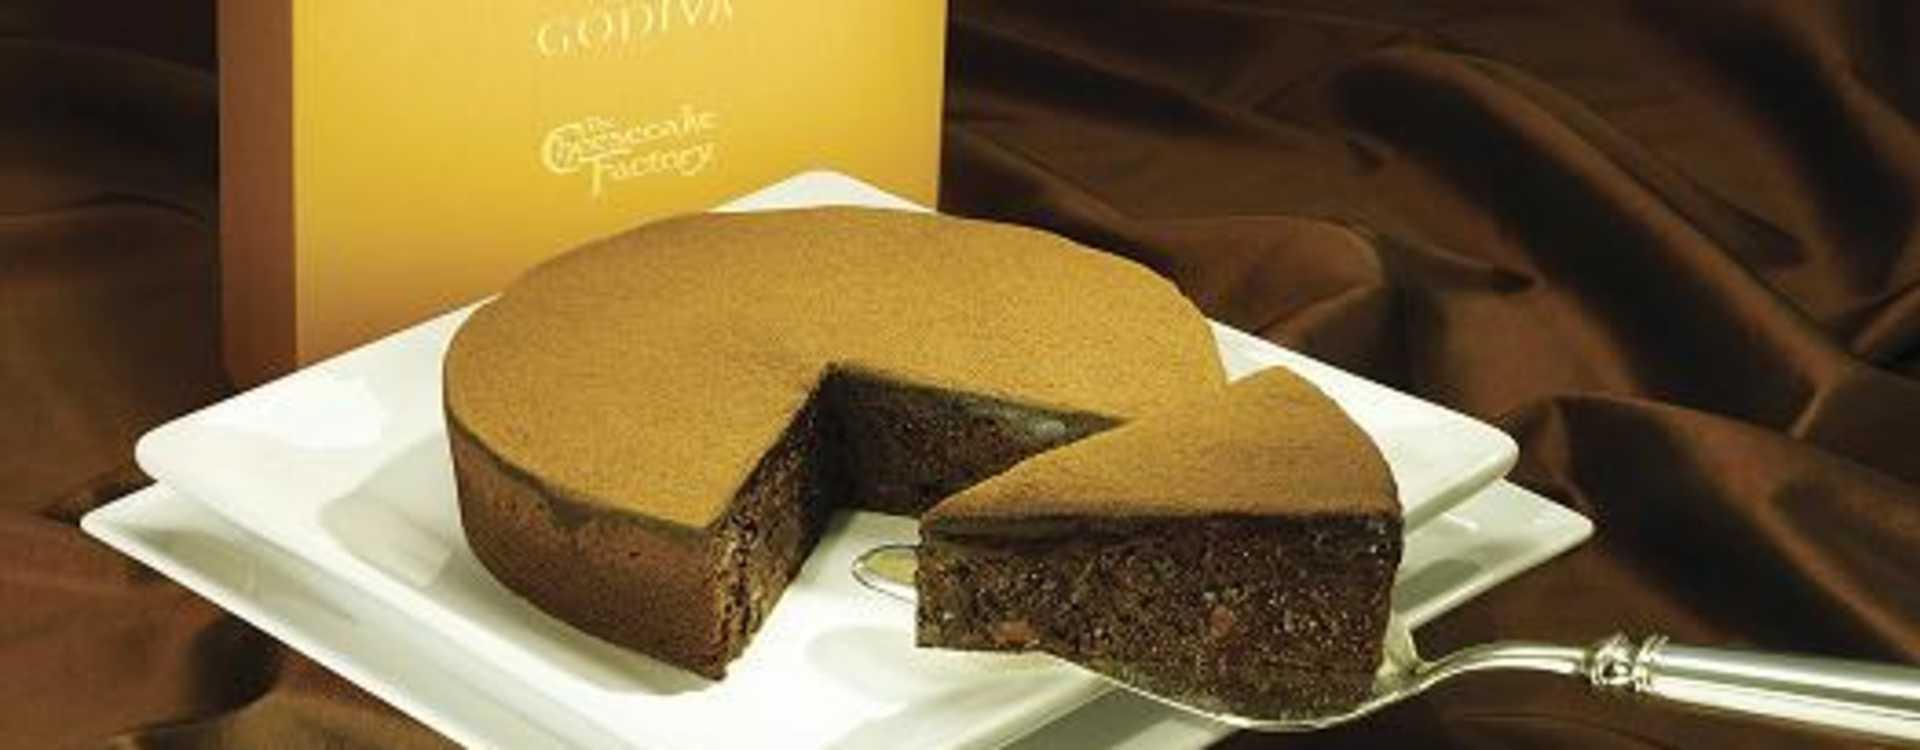 Godiva_Chocolatier.jpg